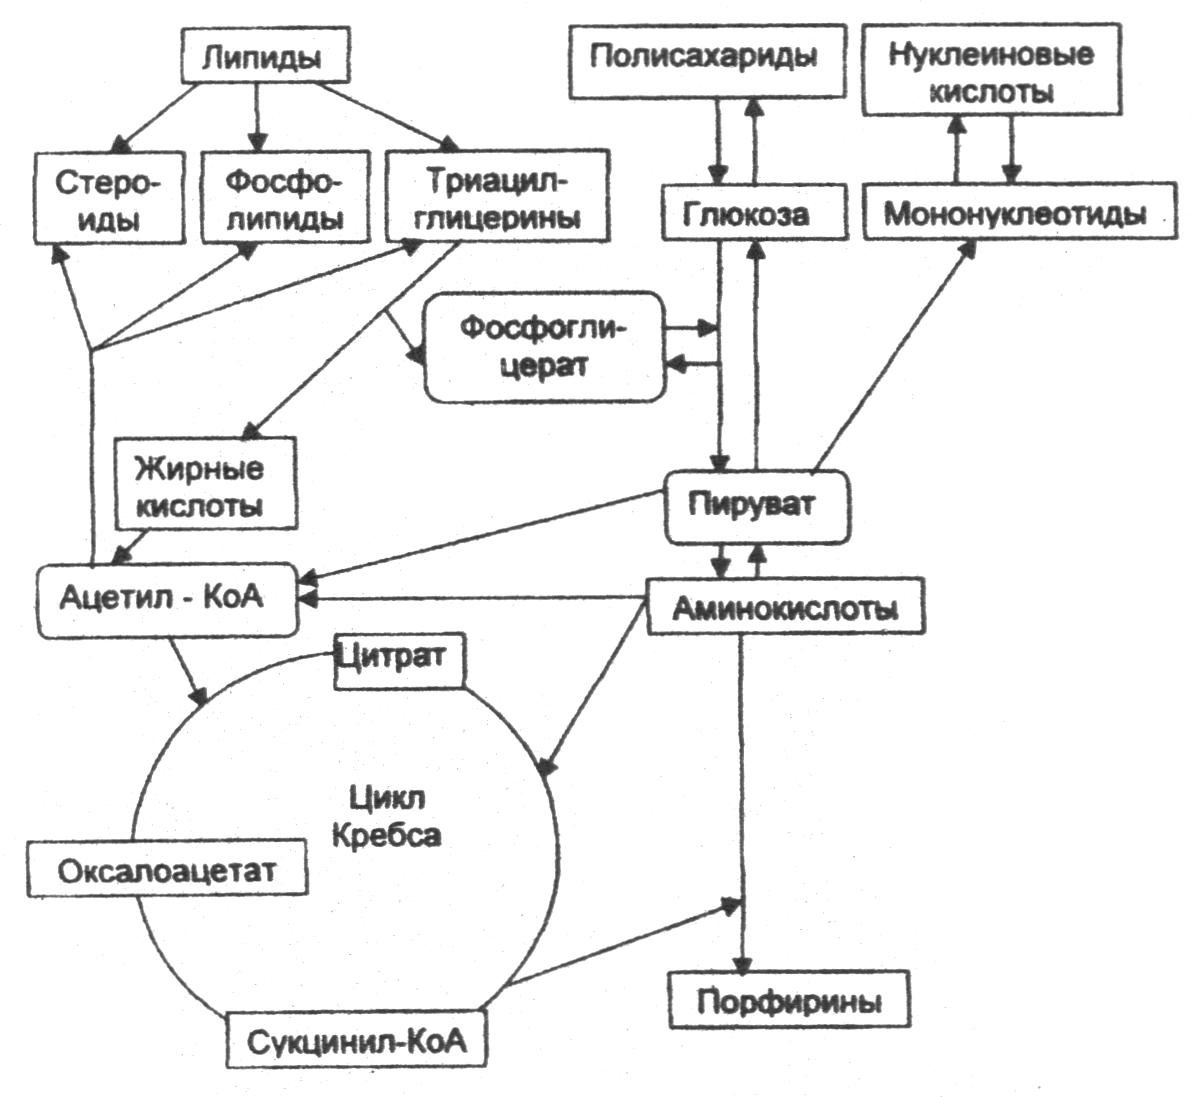 Липиды белки углеводы реферат 4062